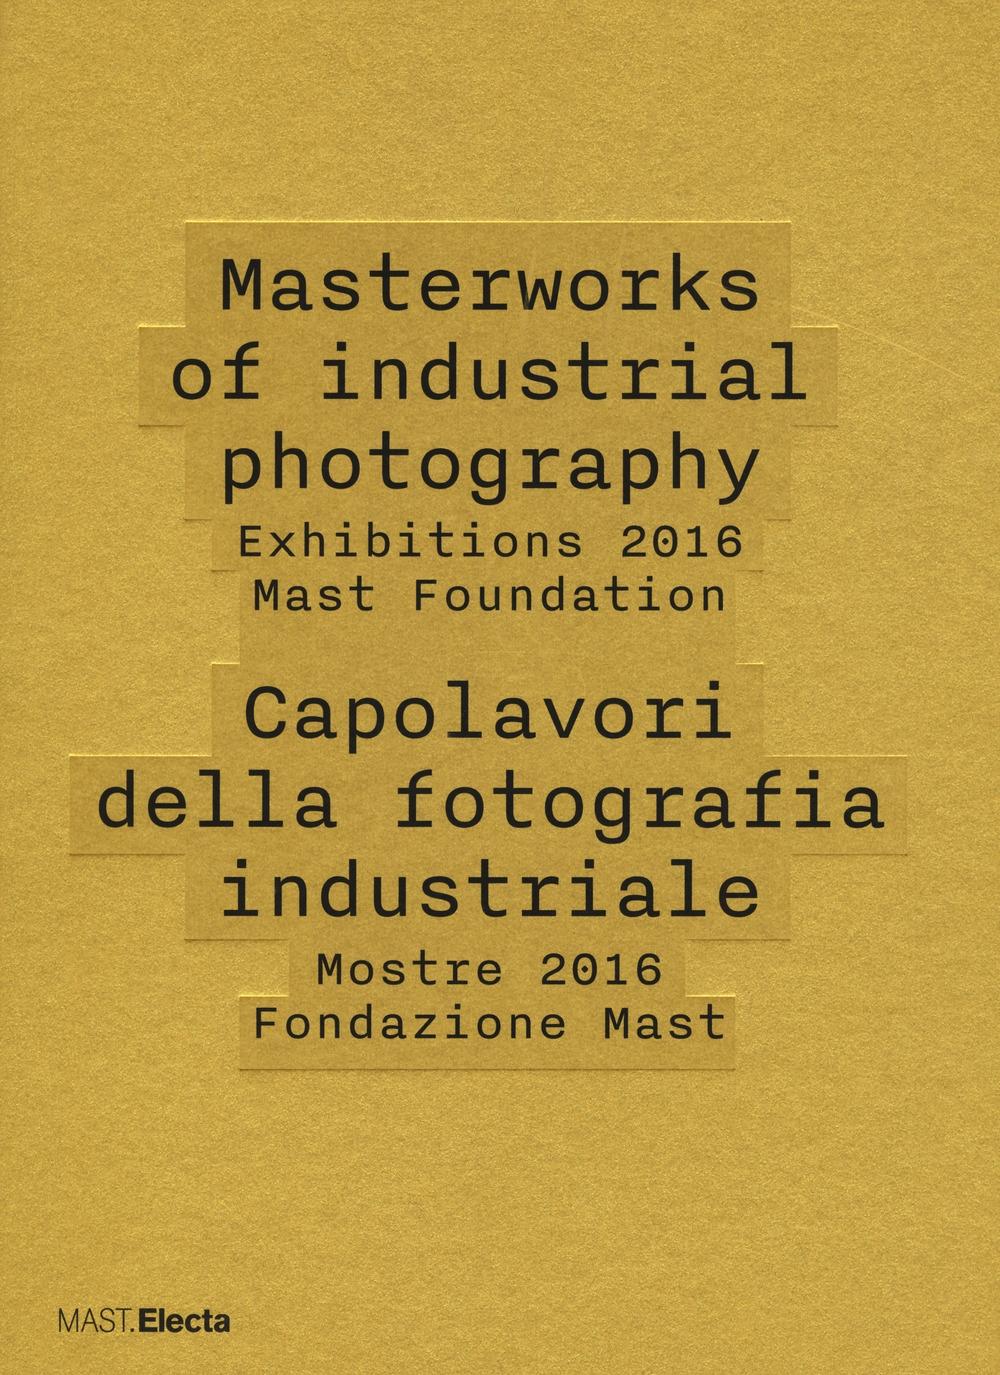 Masterworks of industrial photography. Exhibitions 2016 Mast Foundation-Capolavori della fotografia industriale. Mostre 2016 Fondazione Mast. Ediz. illustrata